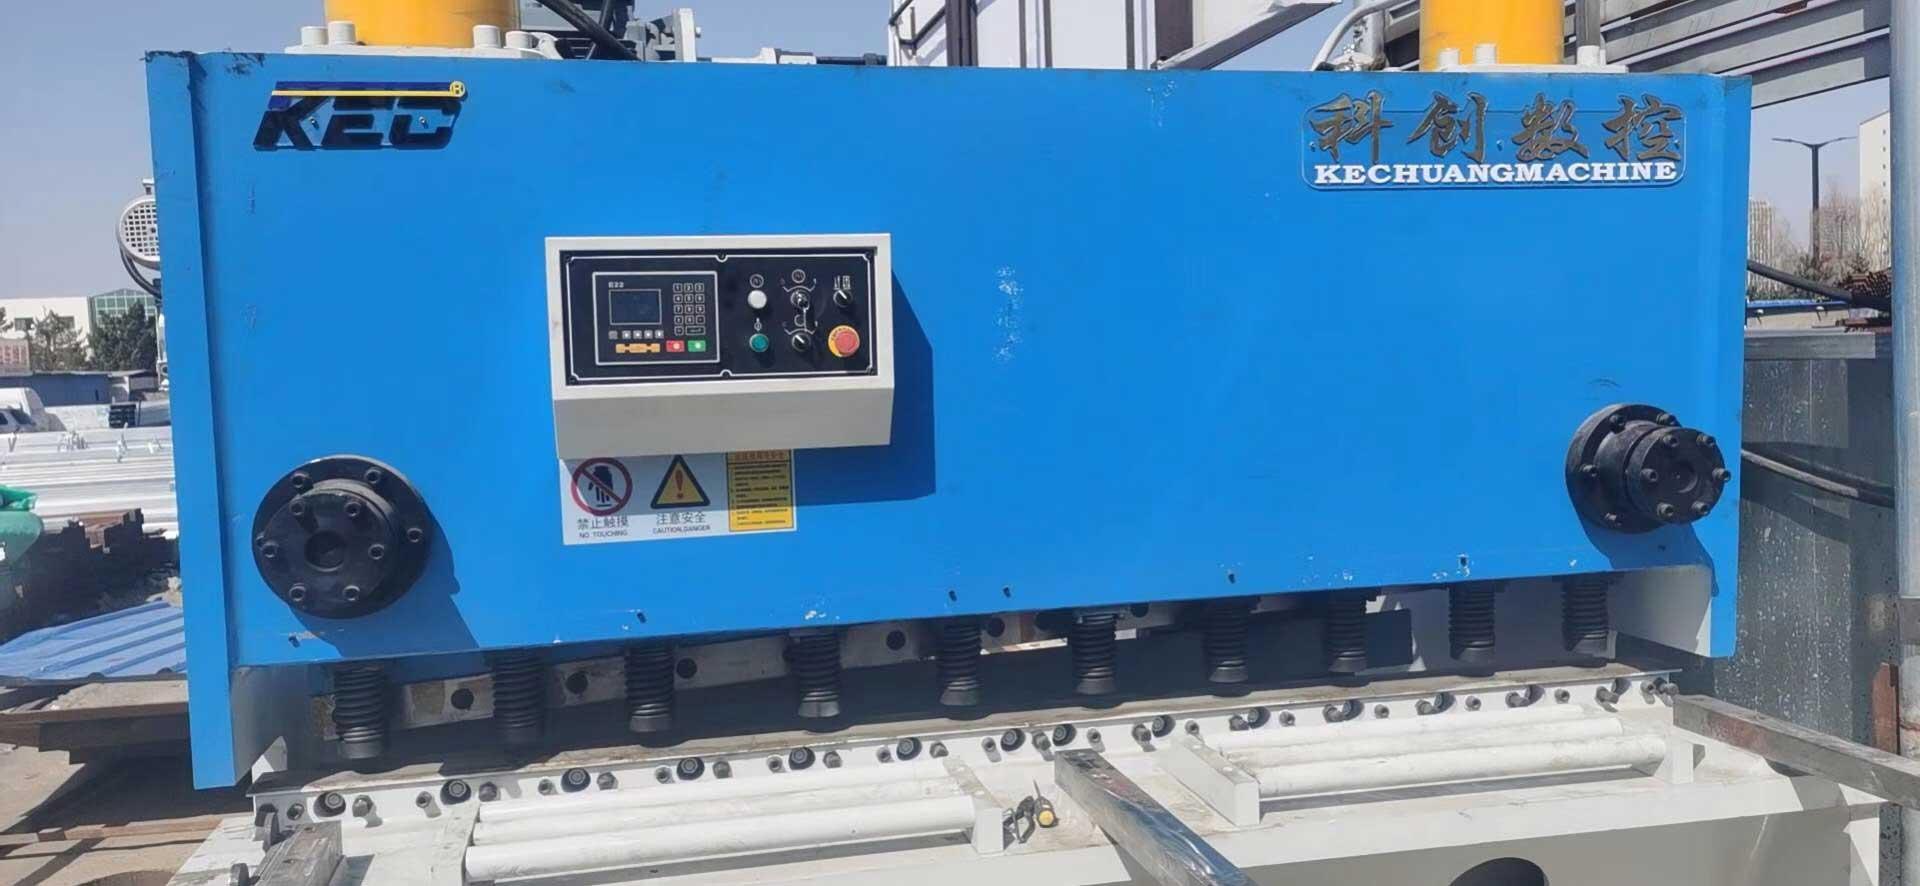 榆林钢材市场20*2500闸剪调试完成,20毫米满刀轻松剪切